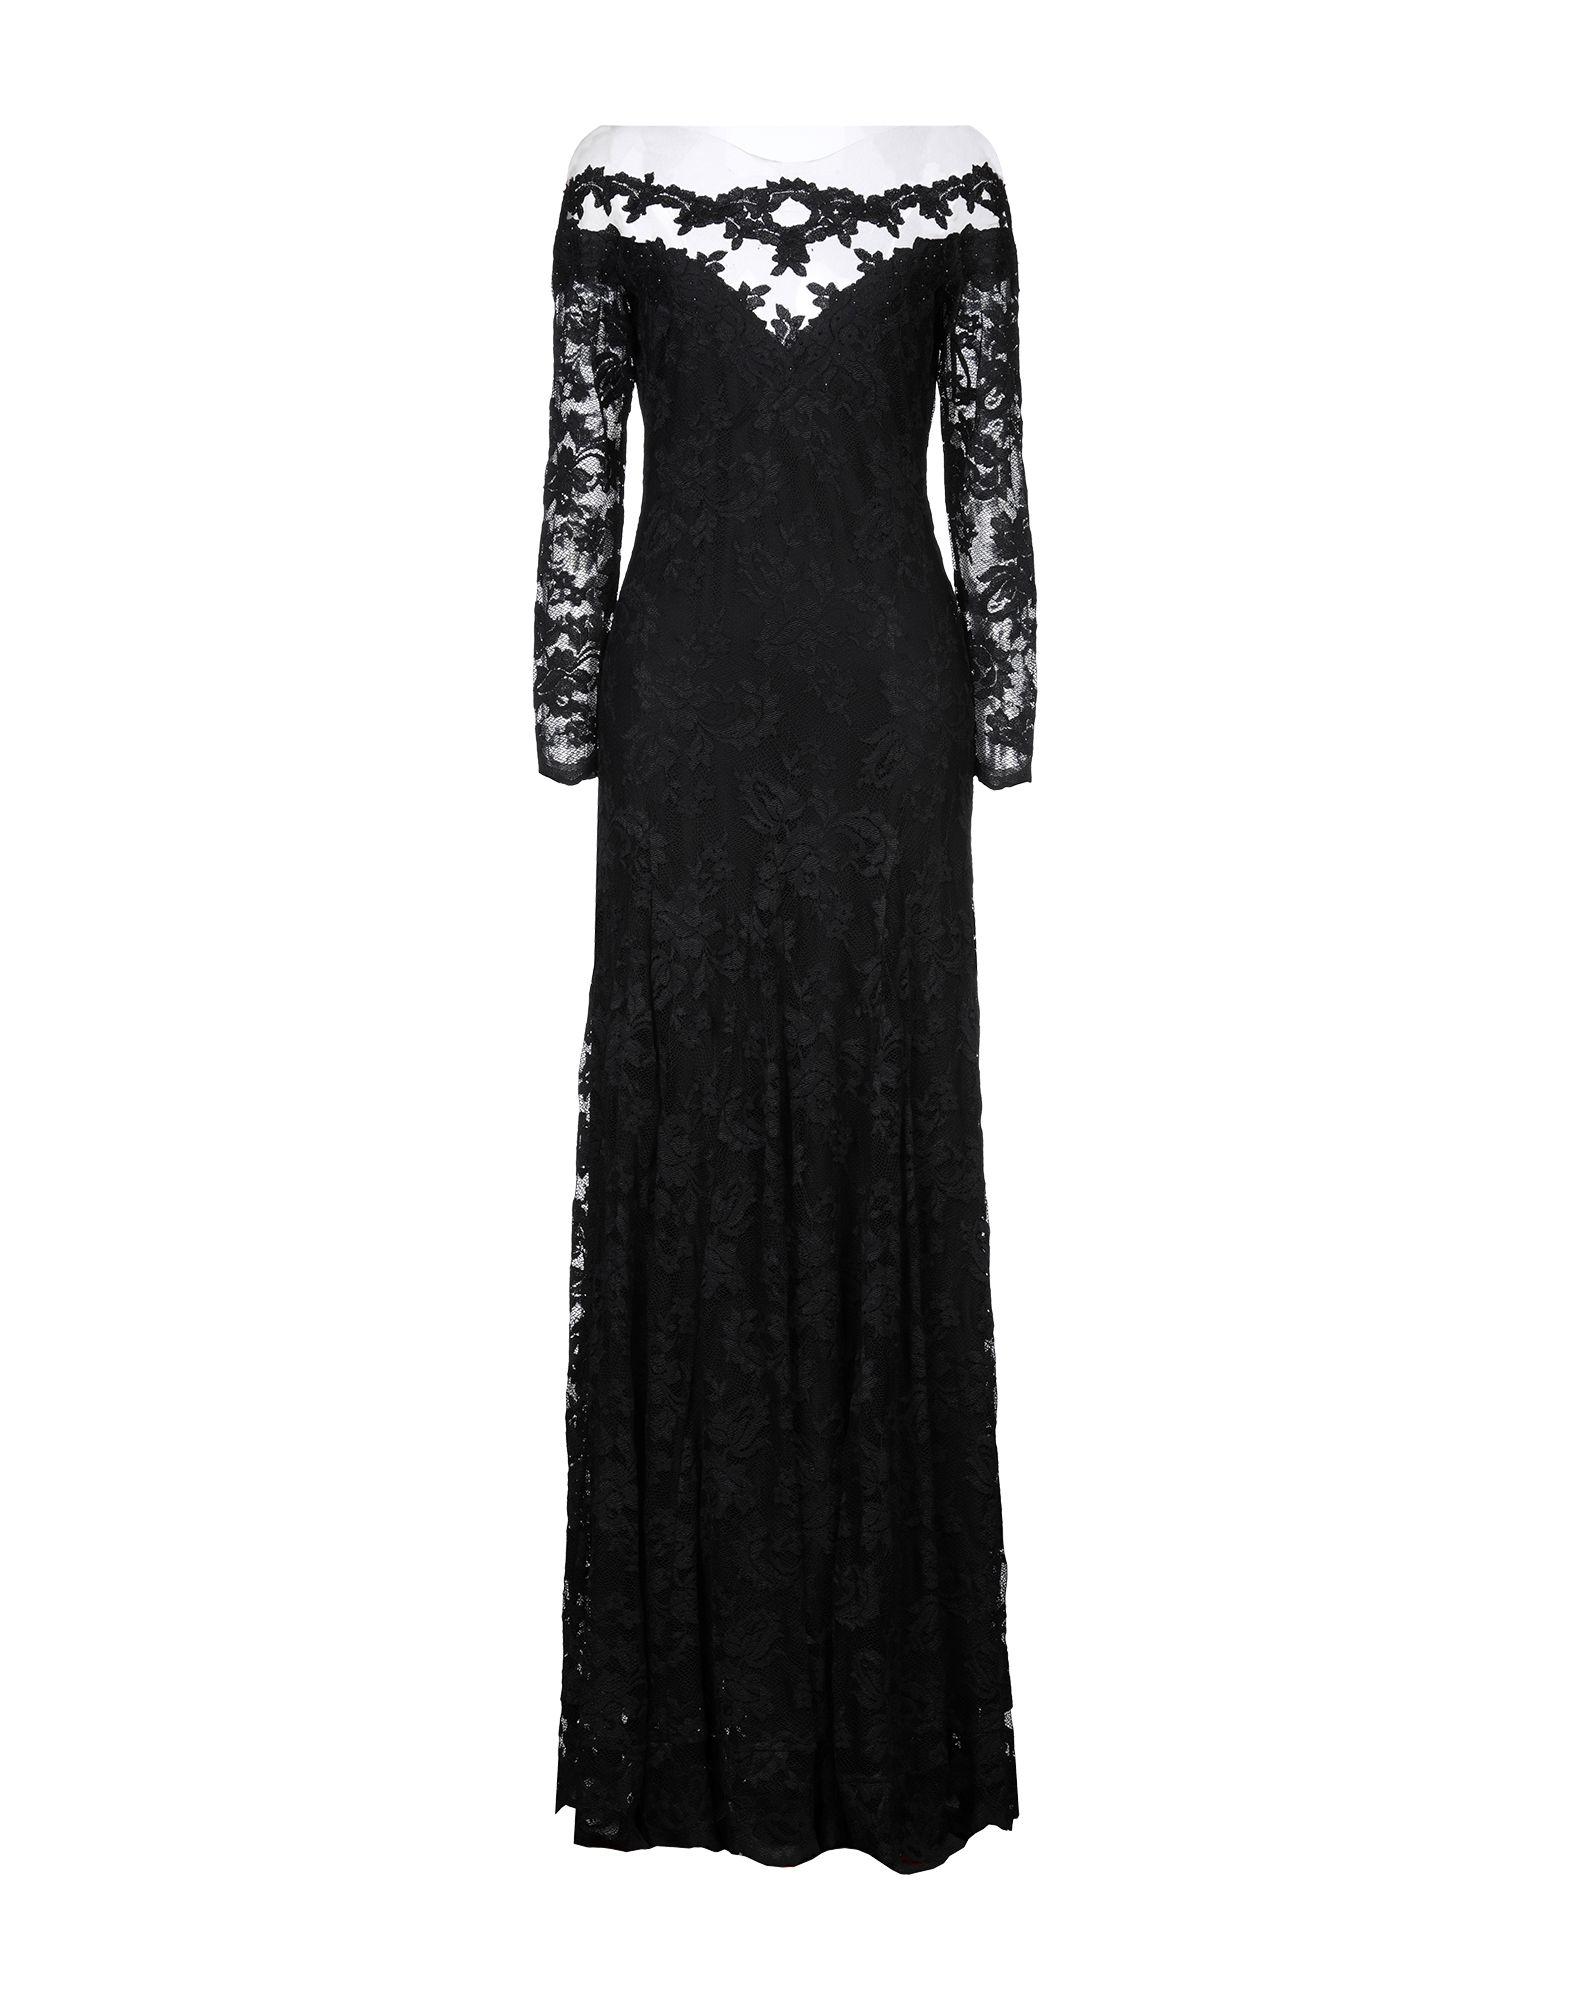 OLVI'S Длинное платье